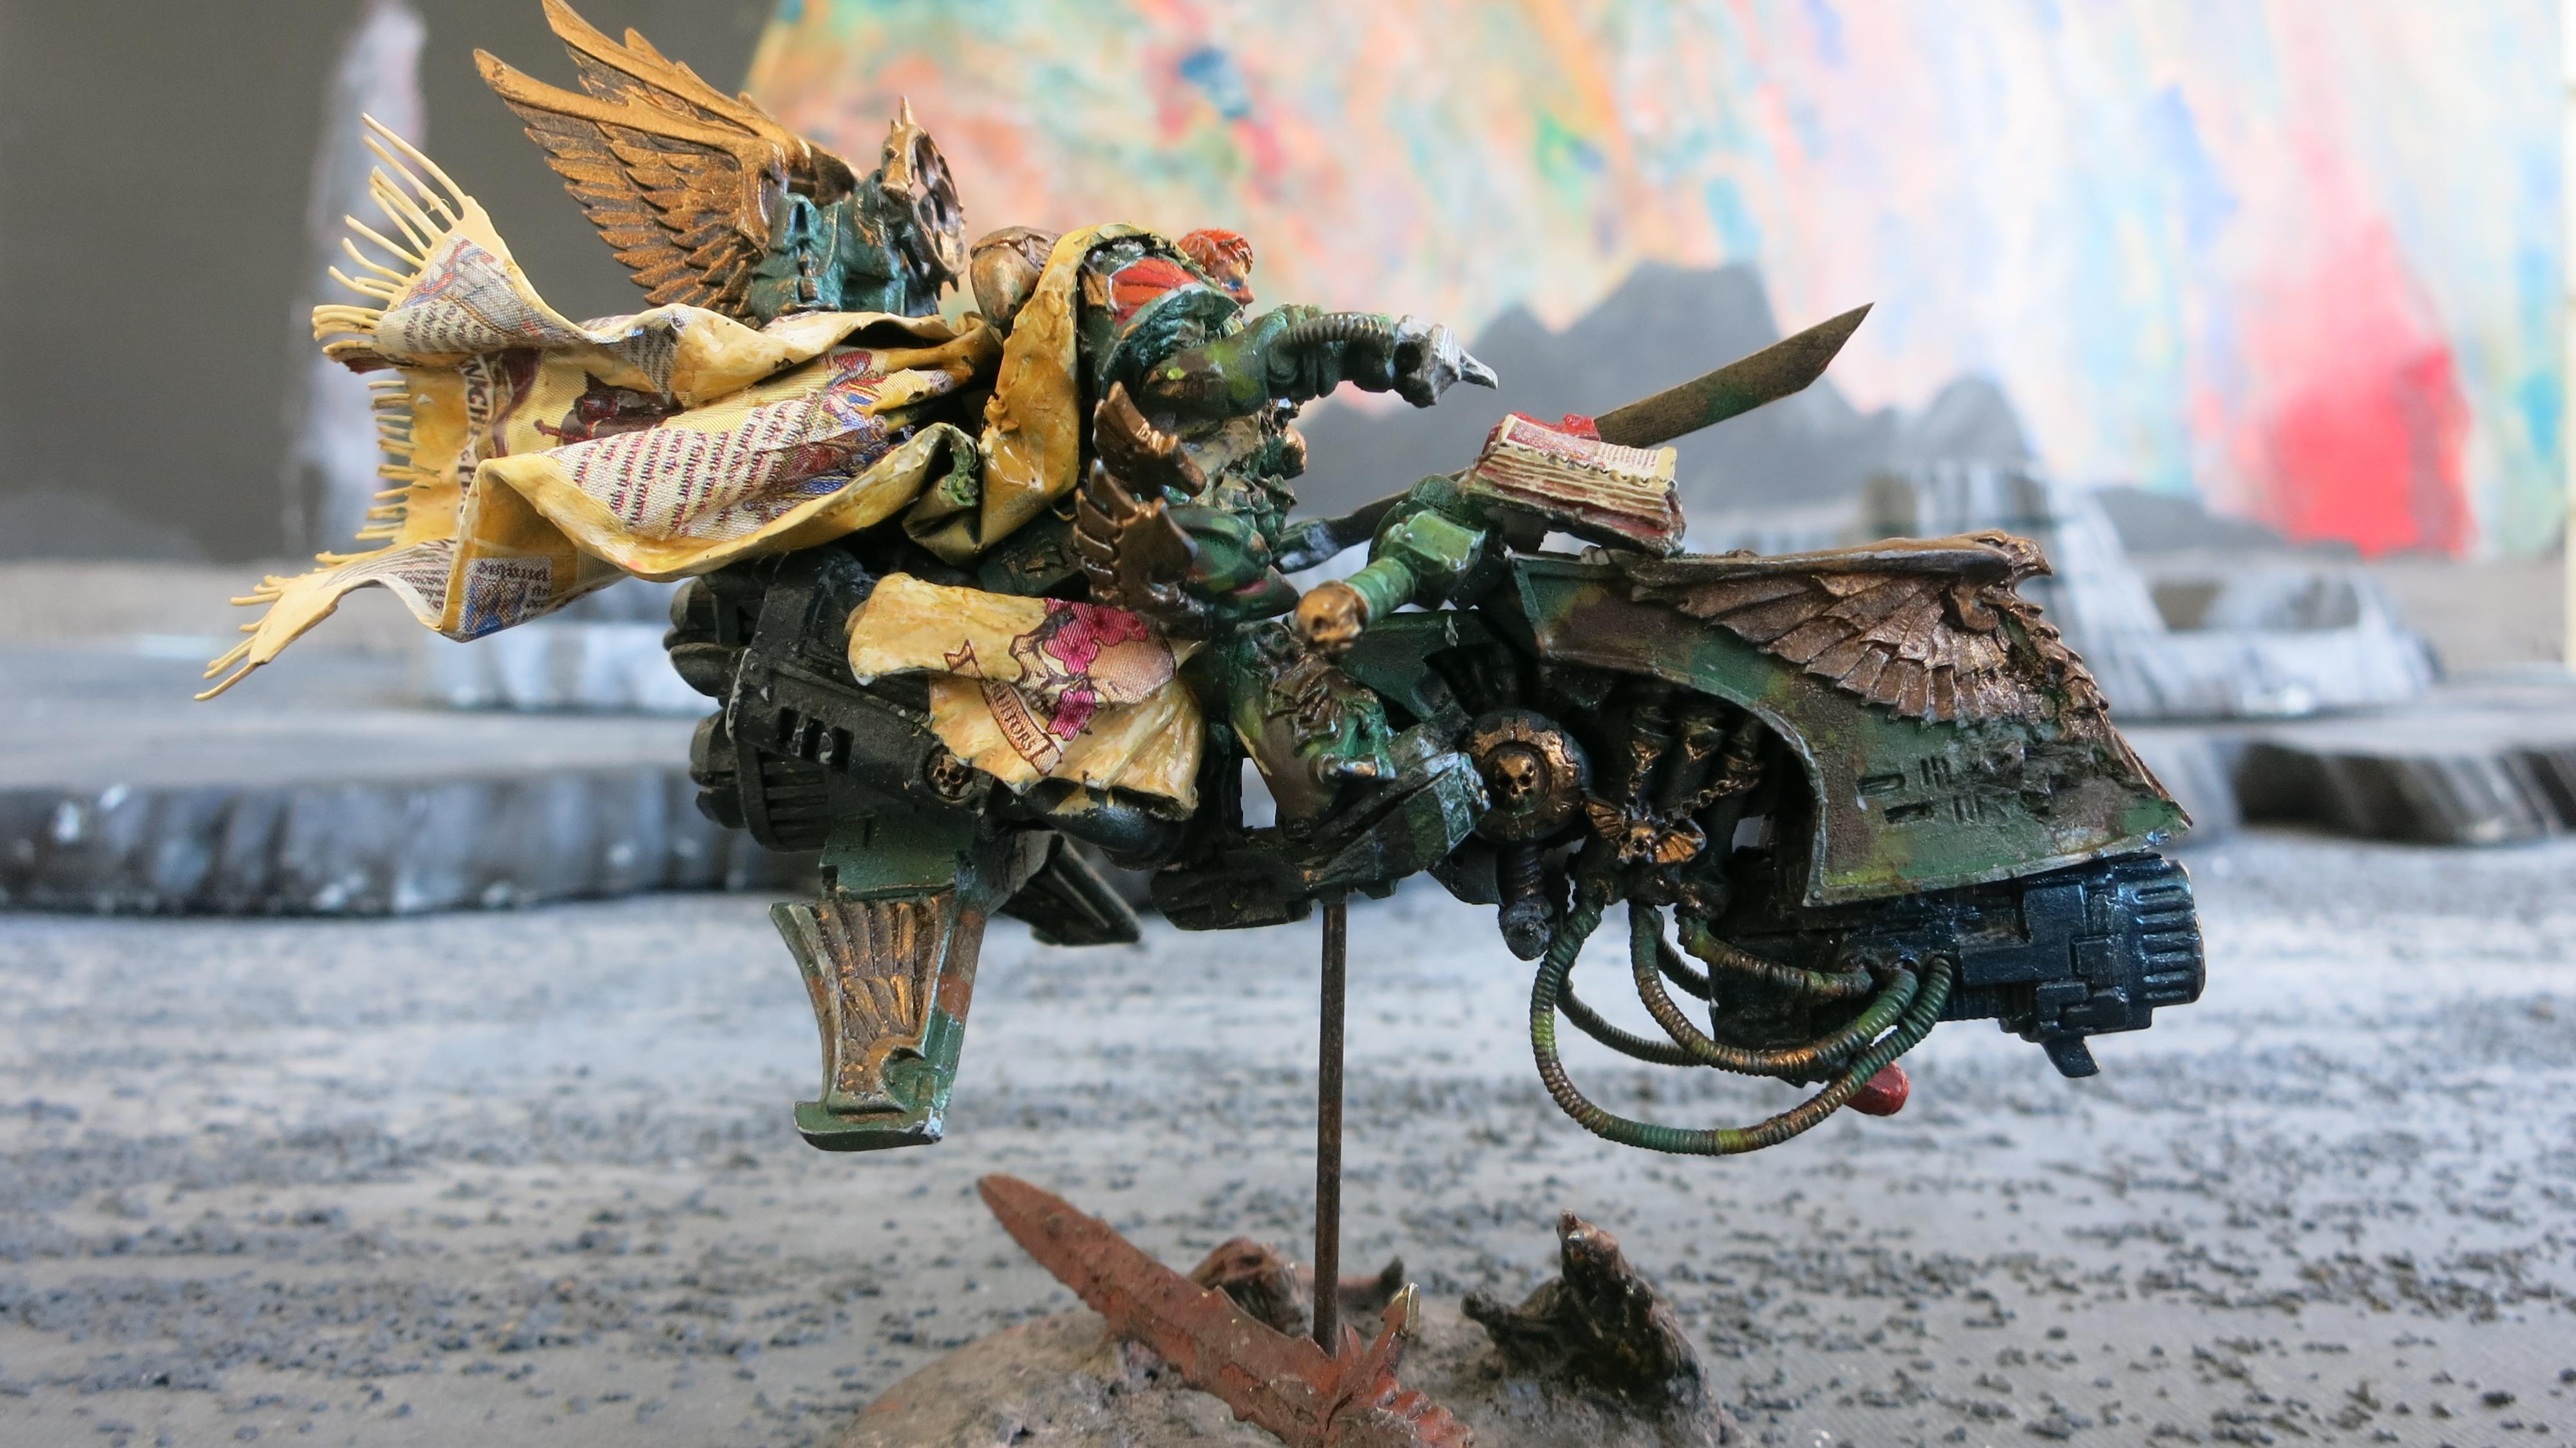 Bike, Command Squad, Corvex, Dark Angels, Jeetbike, Ravenwing, Relic Of Caliban, Sammael